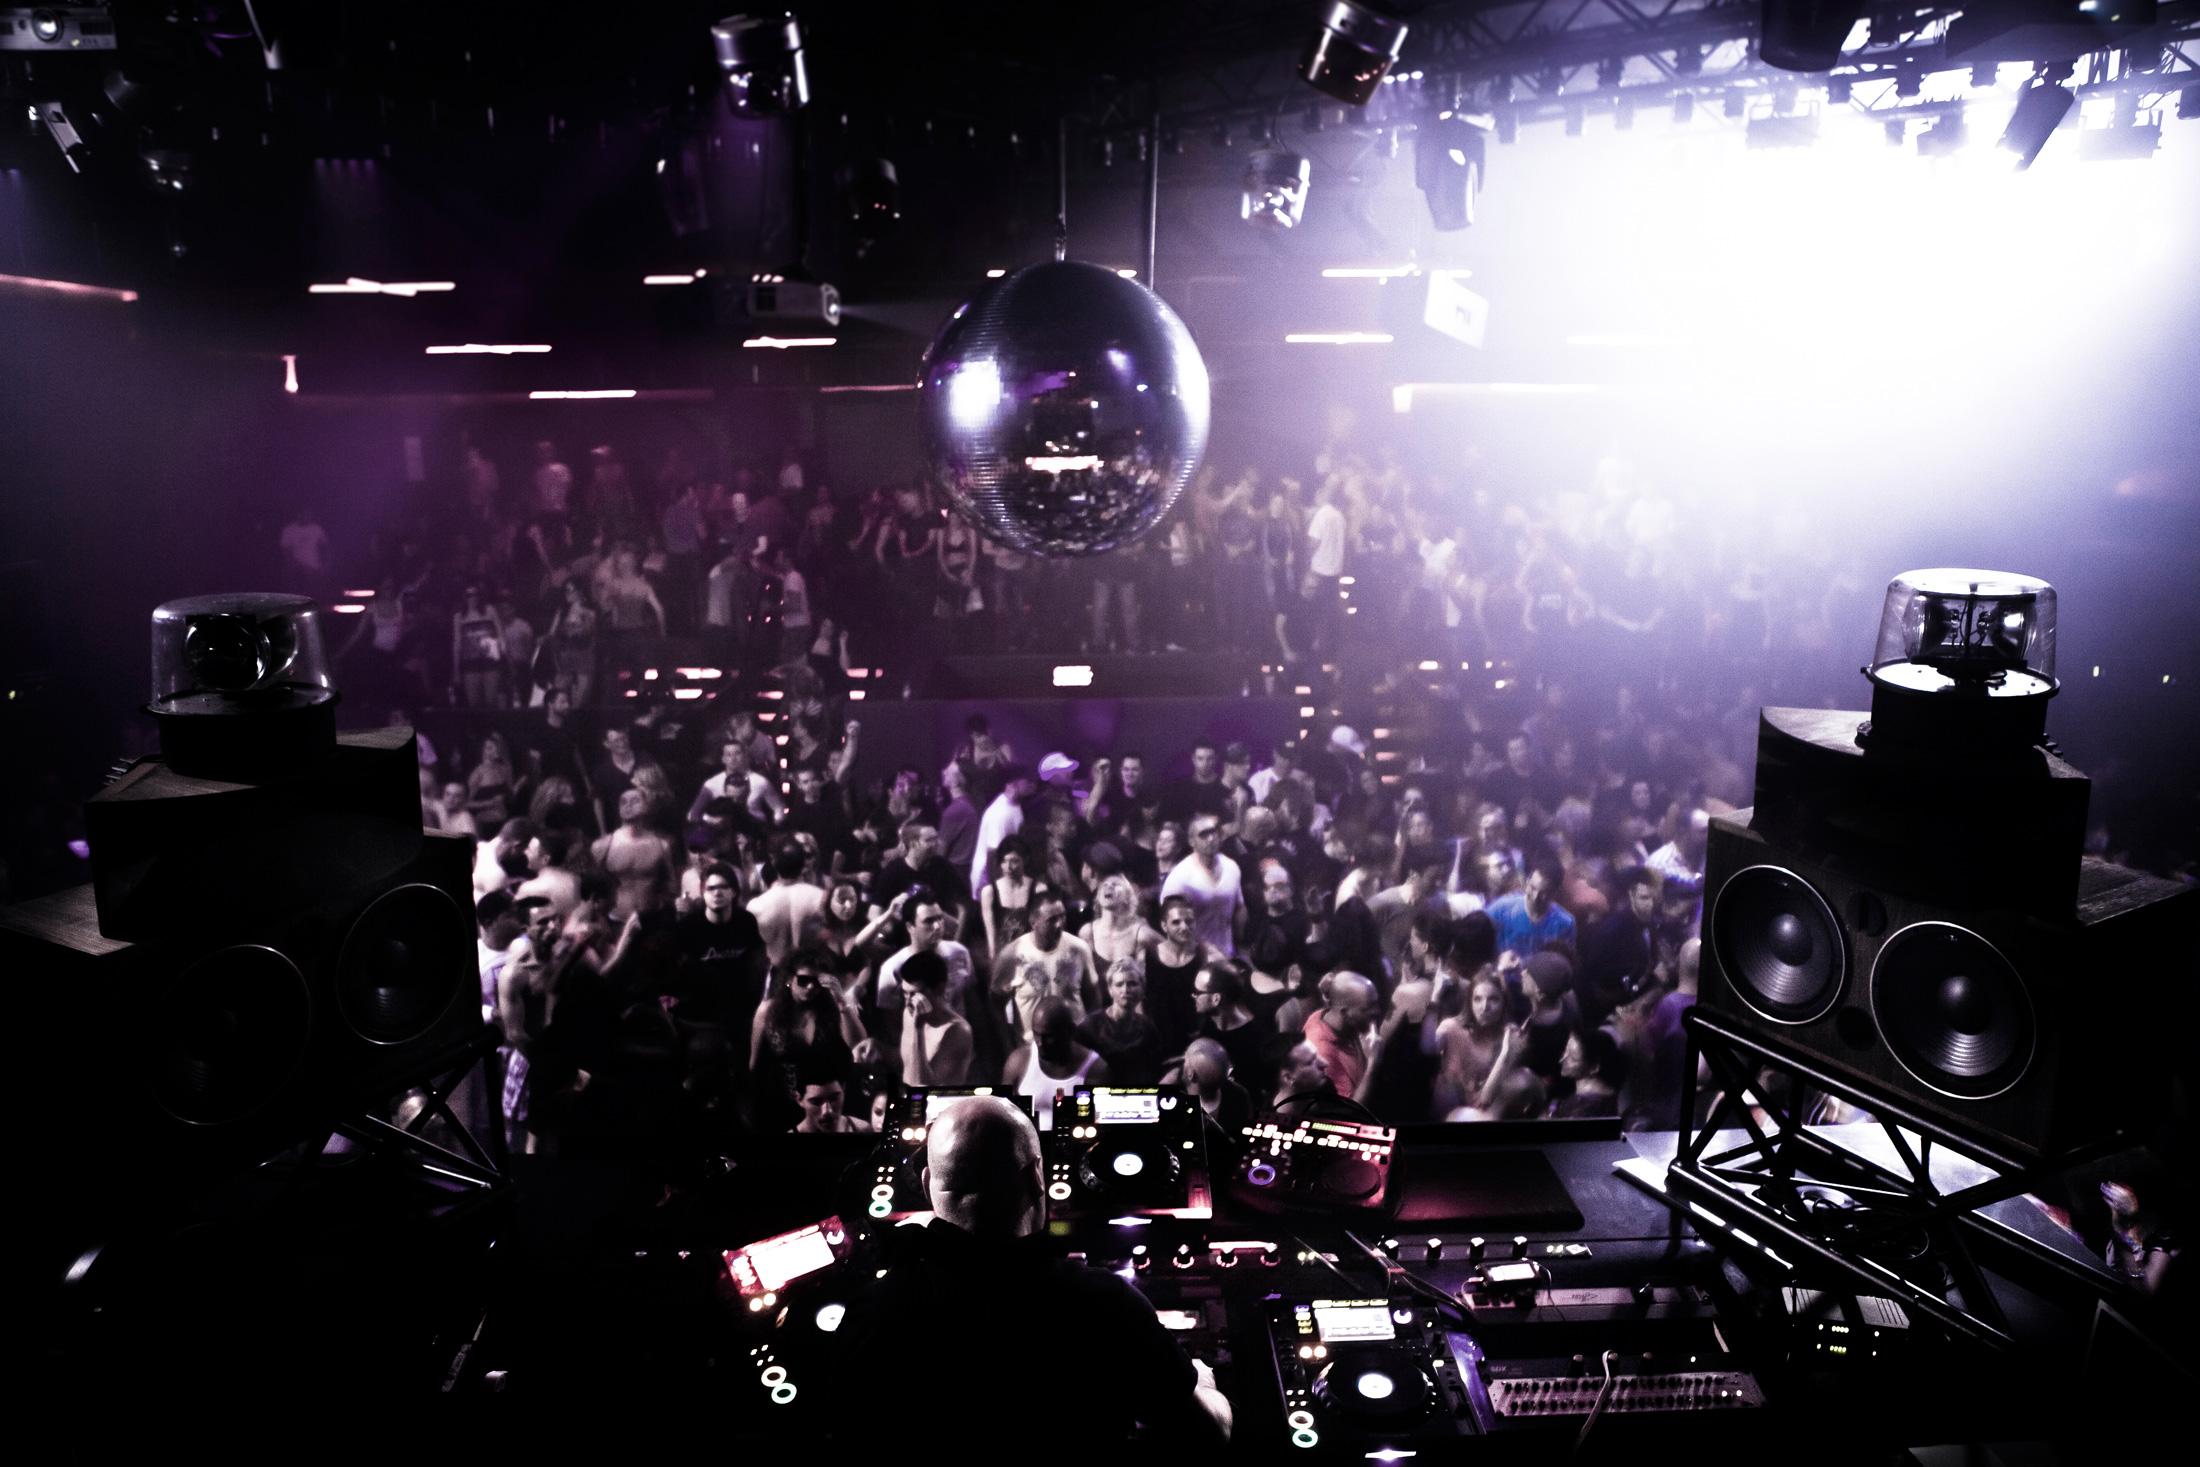 Stereo Nightclub / Femme De $arkozy